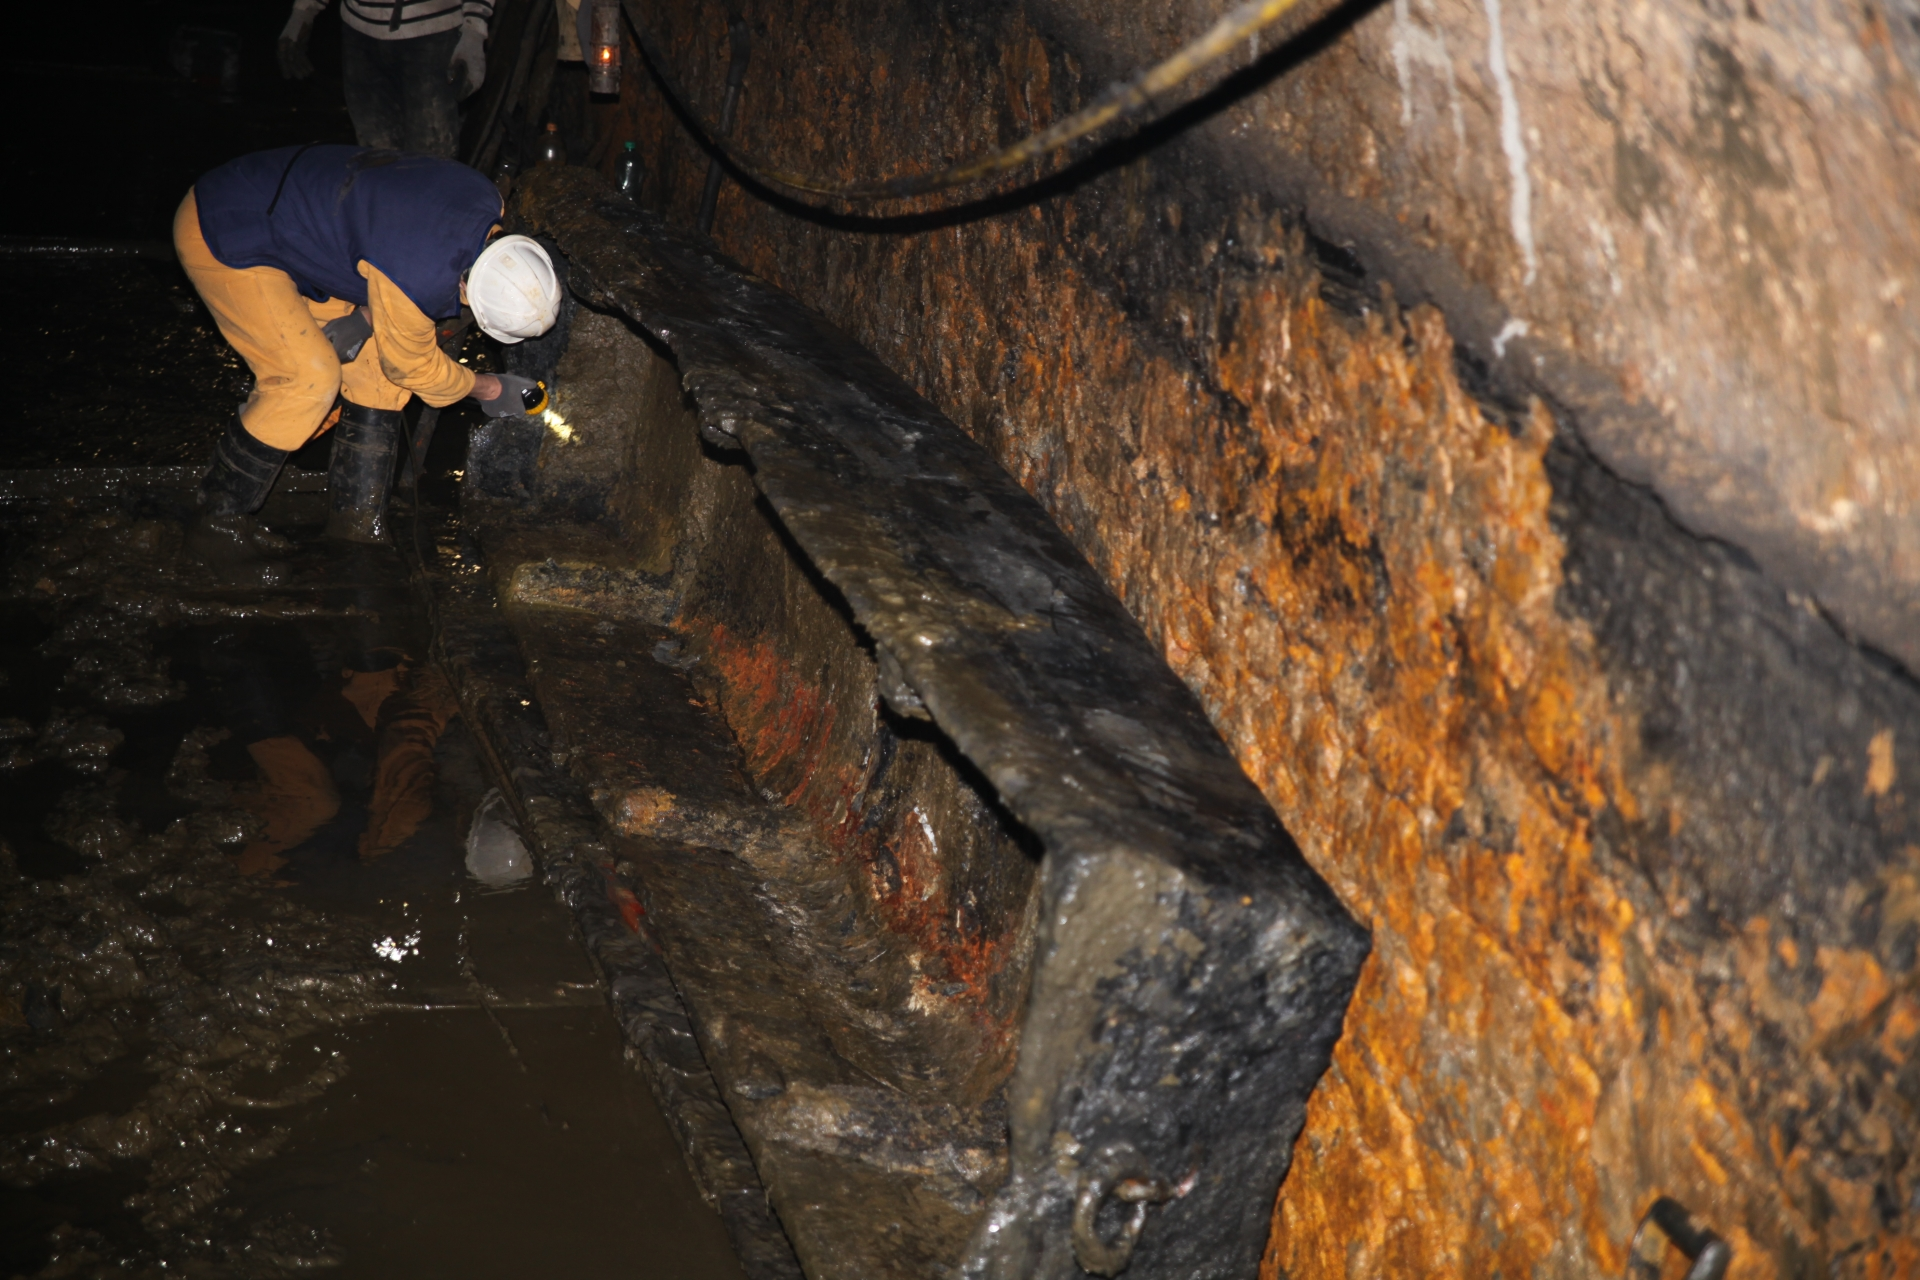 Stuletnia drewniana łódź znaleziona w 2012 roku podczas udrażniania<p> <a href=''></a></p>